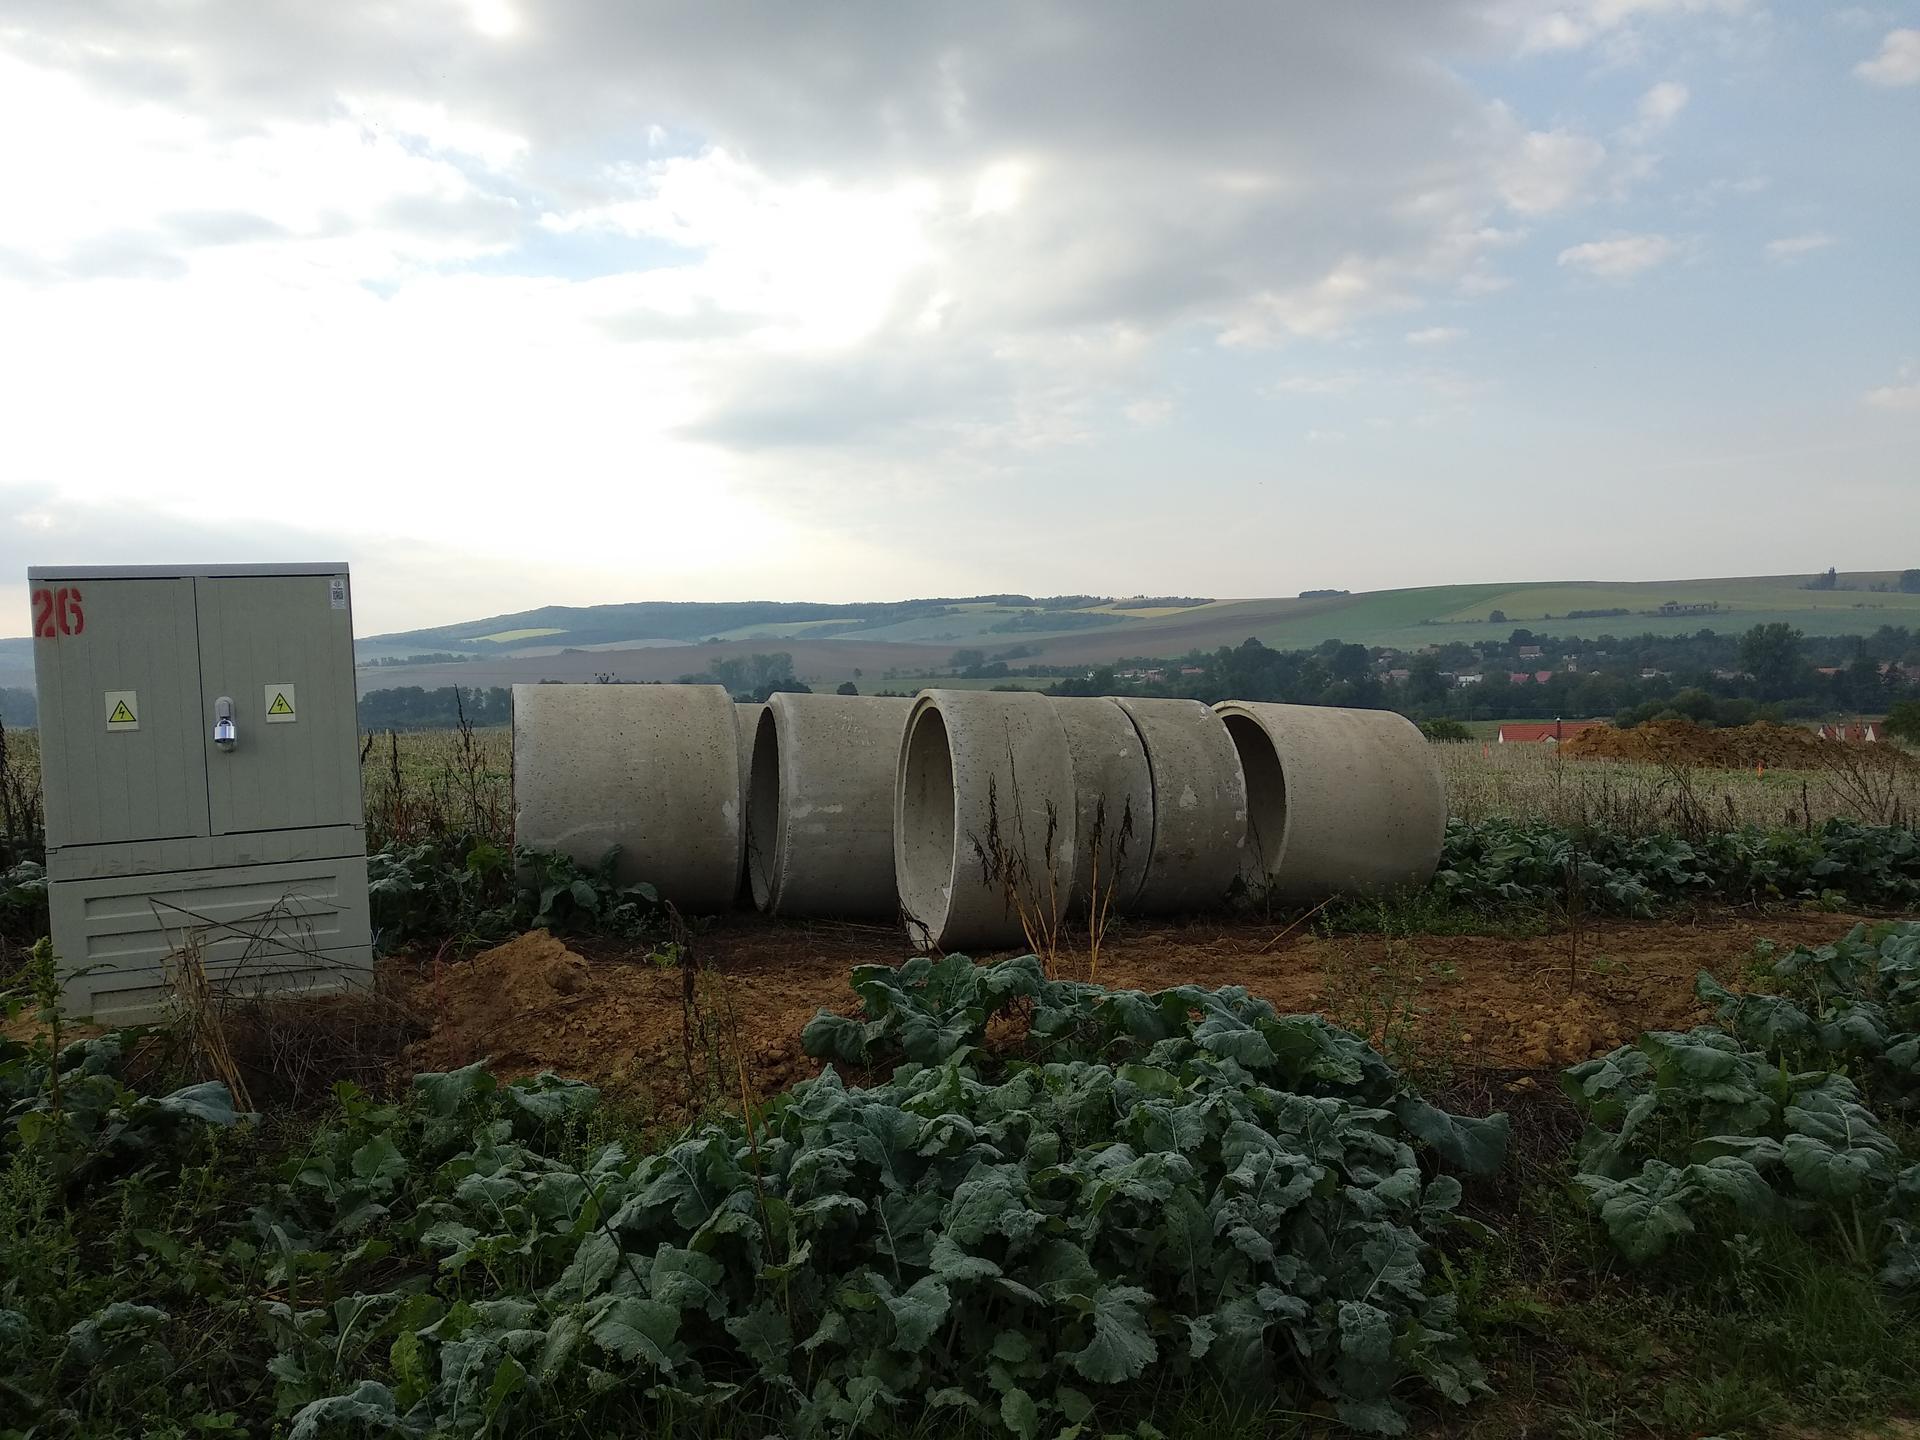 """Staviame Pod vinohradmi 🍇 - 9/2020 po dlhých mesiacoch čakania na """"jednu pečiatku"""" od pozemkového fondu máme konečne aj stavebné povolenie a môžeme začať kopaním studne."""